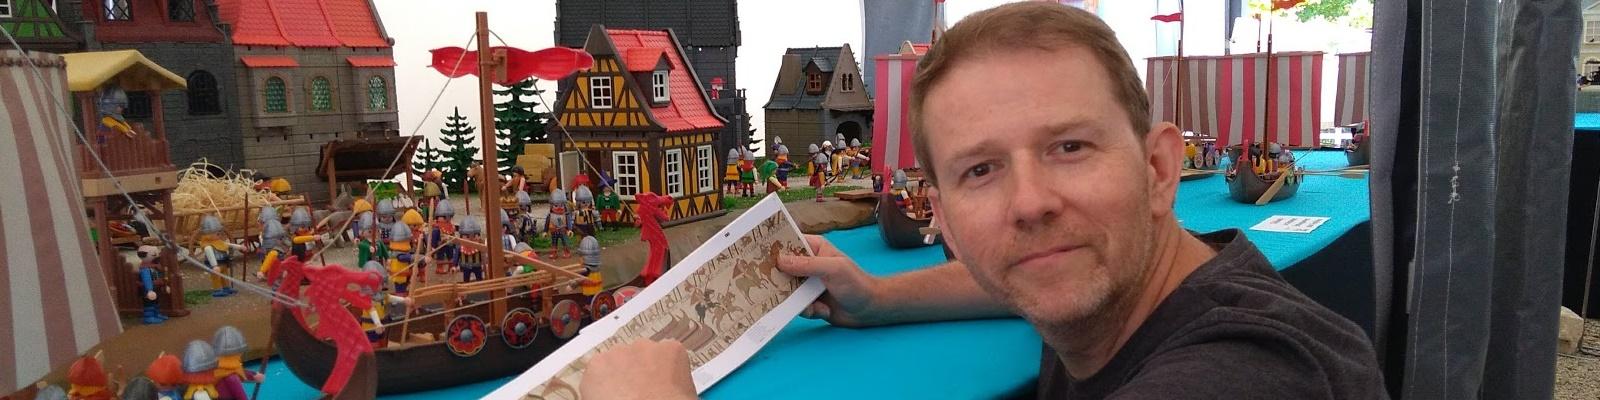 Reproduire une bataille historique en Playmobil